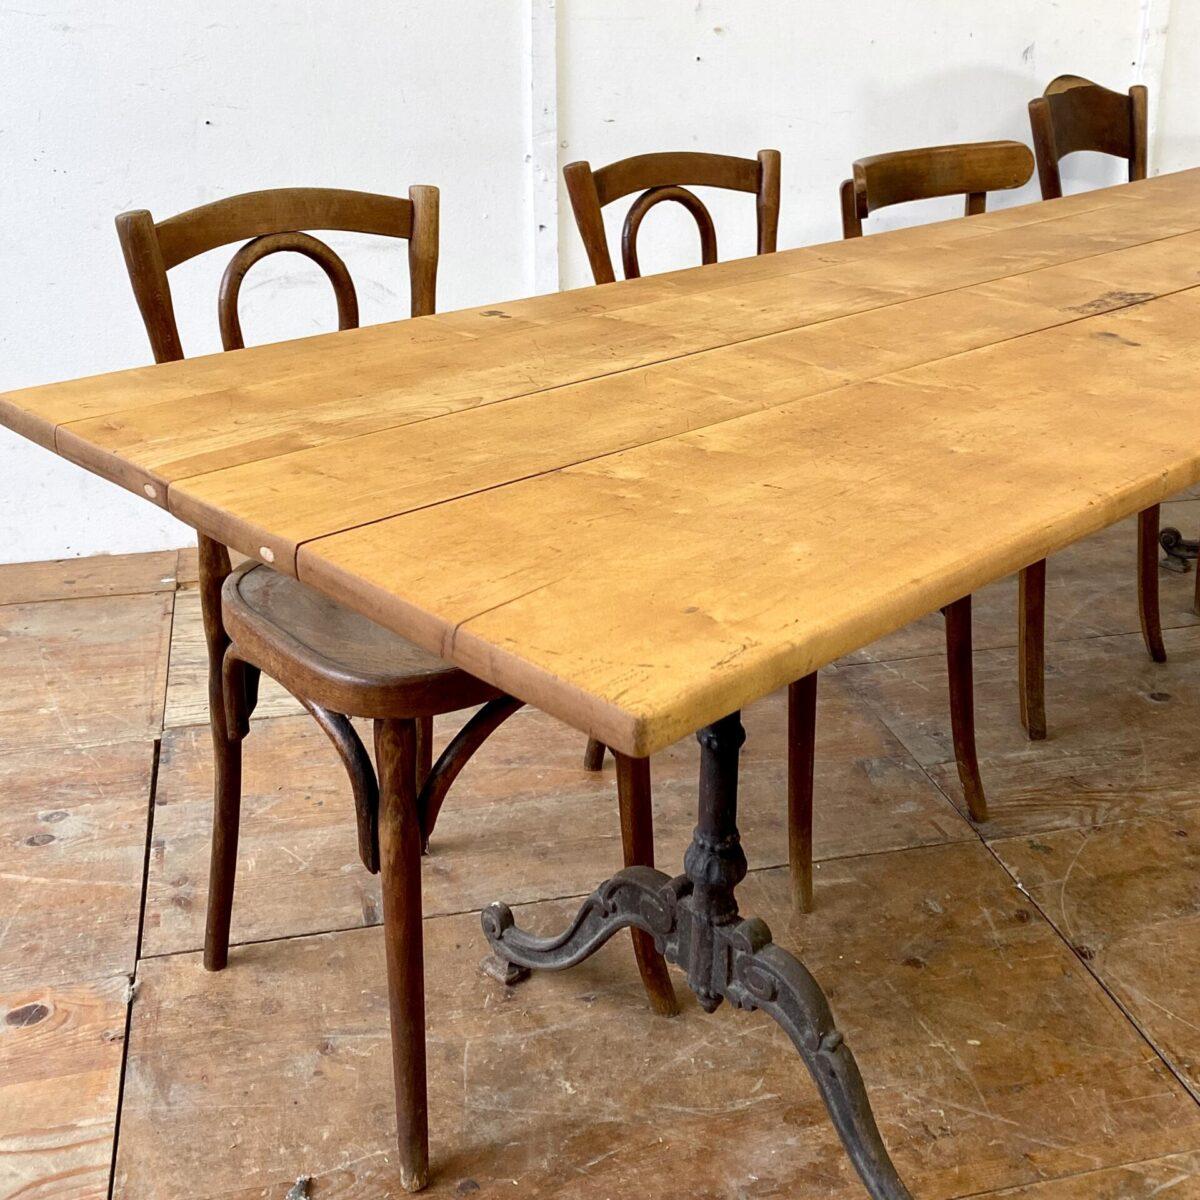 Deuxieme.shop antiker französischer Jugenstil Gusseisen Tisch. Alter Wirtshaustisch aus Ahornholz mit verschnörkelten Gussfüssen. 250x70cm Höhe 73cm. Dieser Beizentisch ist leicht restauriert, Alterspatina leicht offene Fugen, aber alles in stabilem Zustand. Holzoberfläche mit Naturöl behandelt.